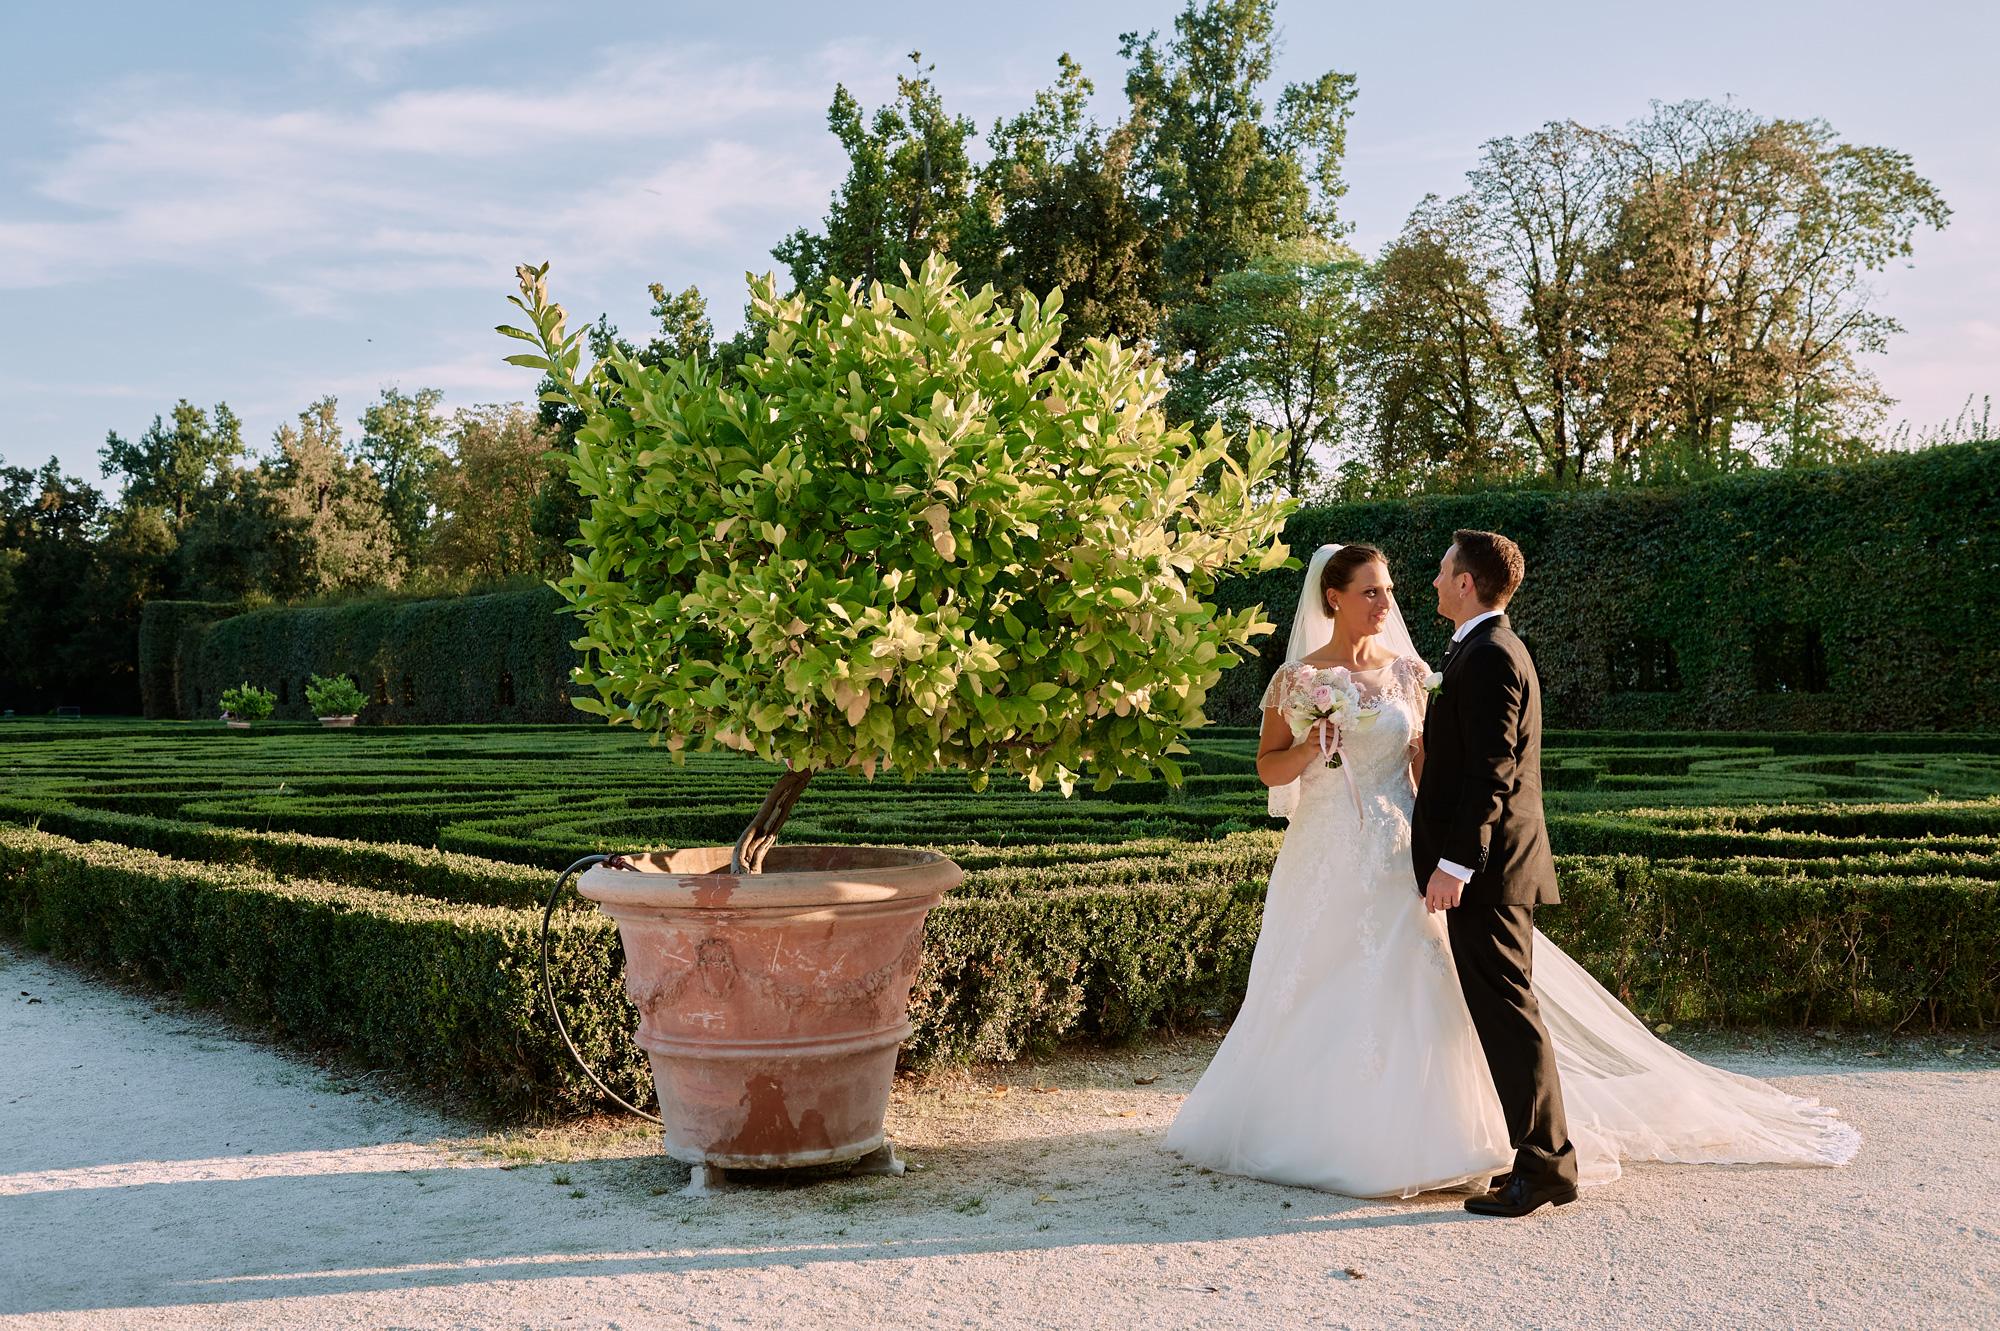 20-ivano_di_maria_fotografo_matrimonio_ aless_aless